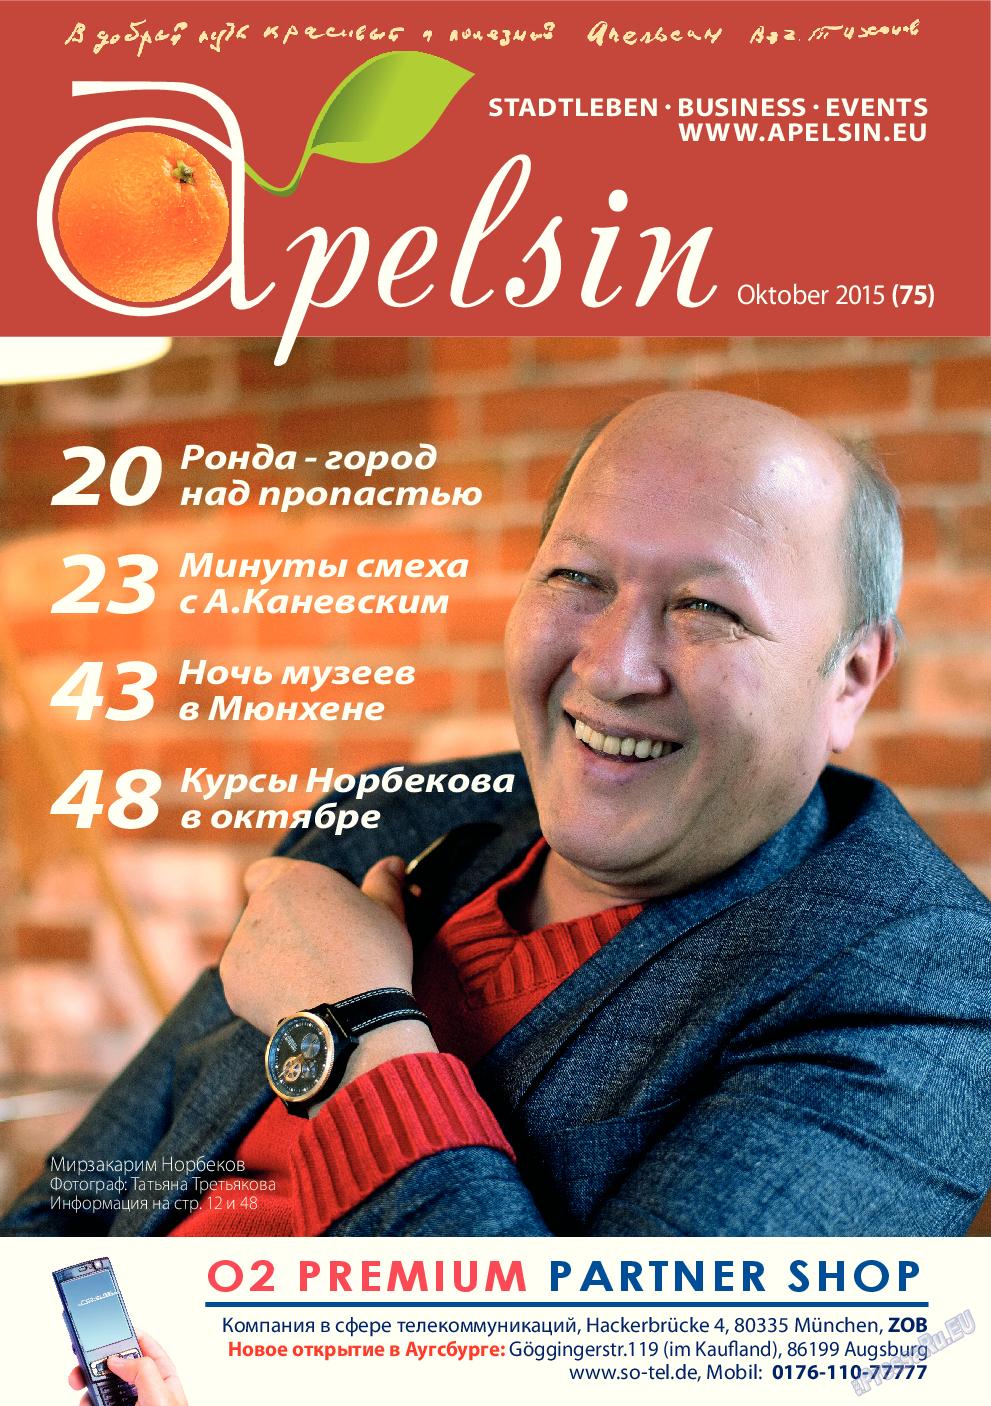 Апельсин (журнал). 2015 год, номер 75, стр. 1